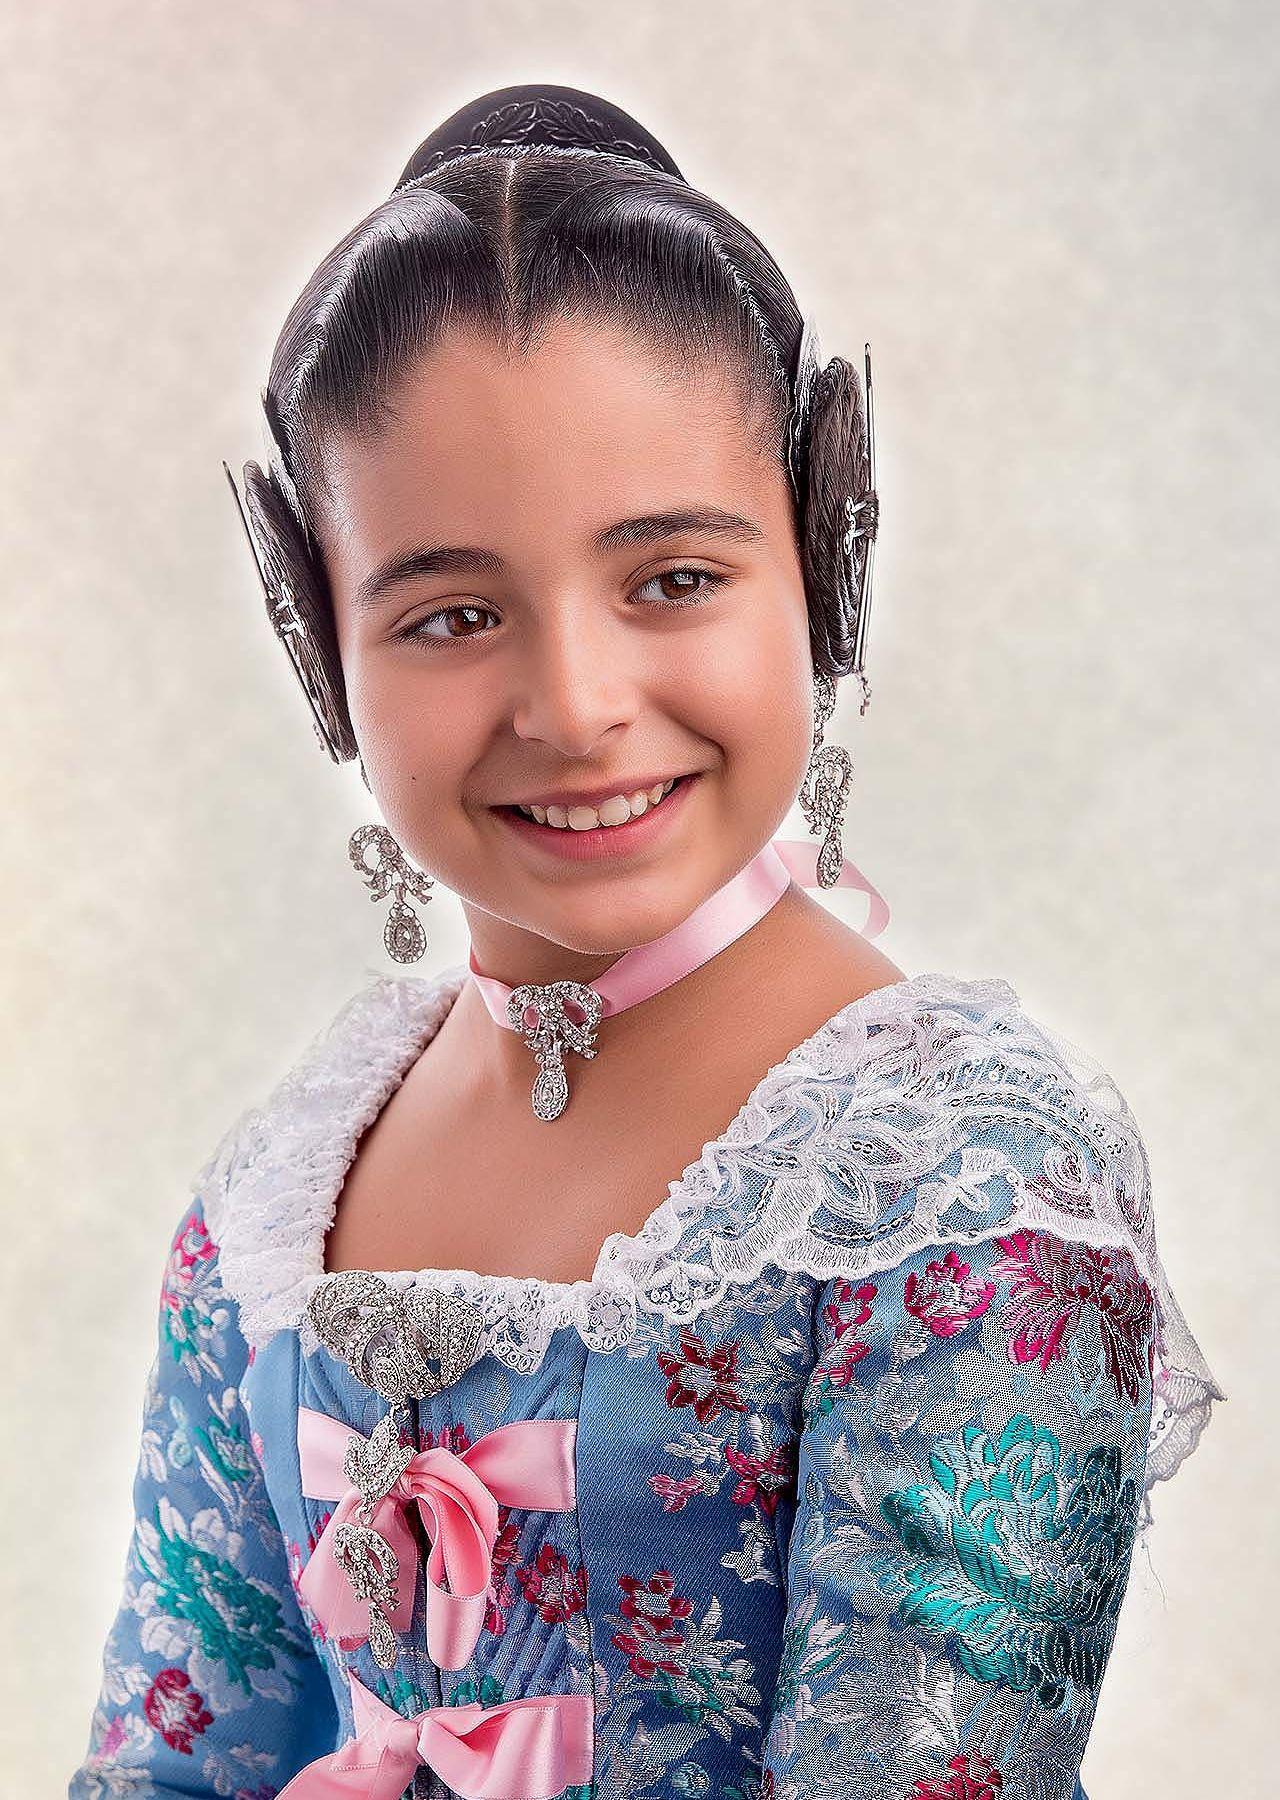 Laura Ortiz Paz